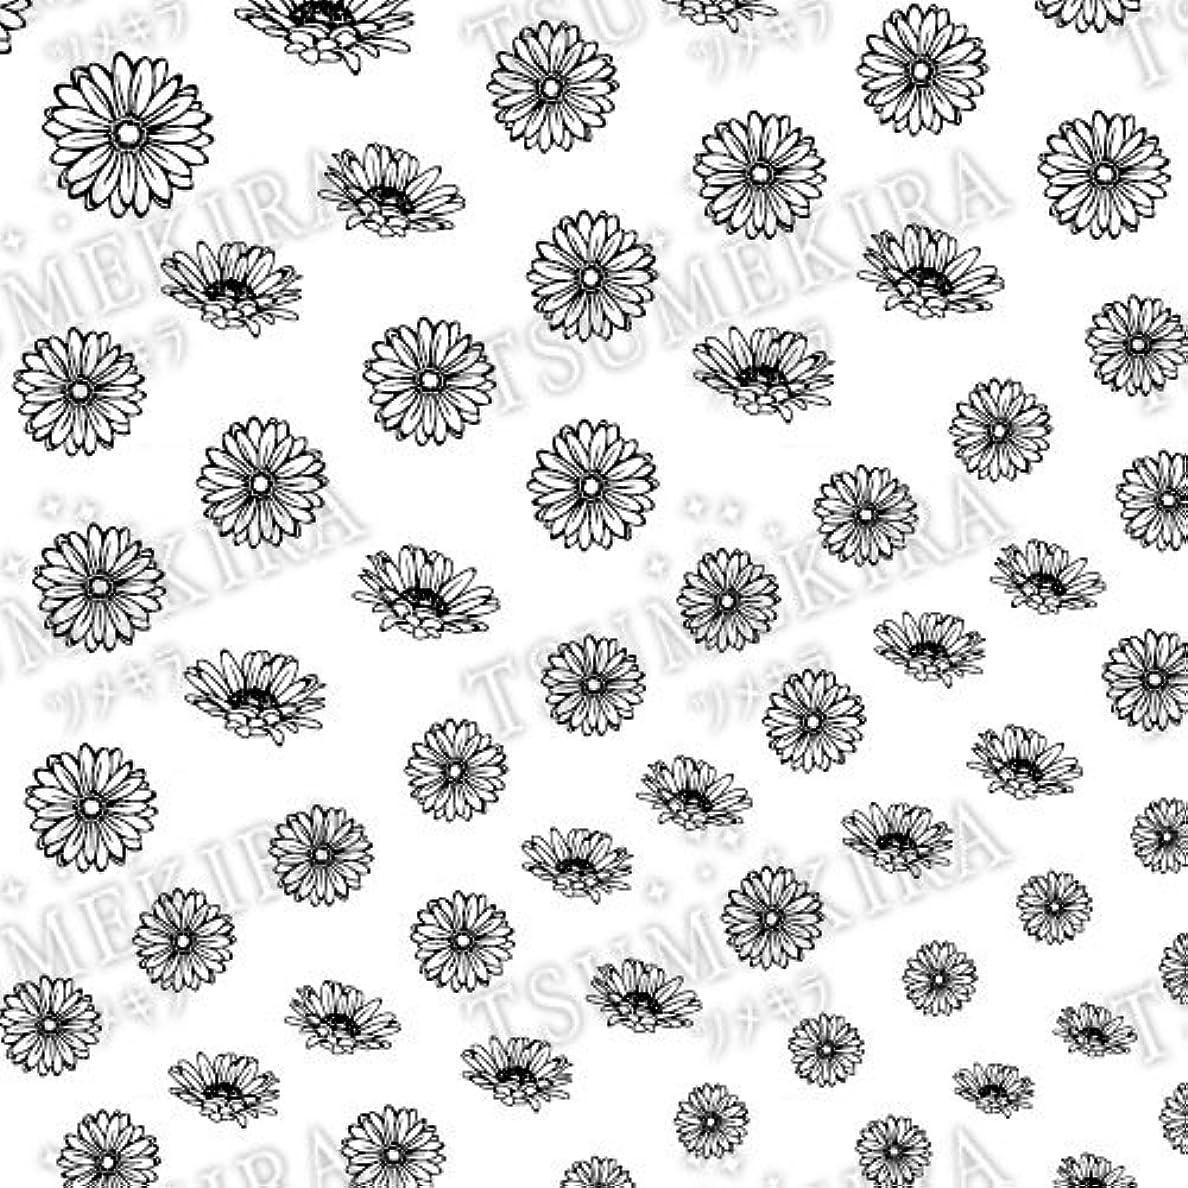 幅拮抗能力ツメキラ ネイル用シール フラワースタイル ガーベラ ブラック